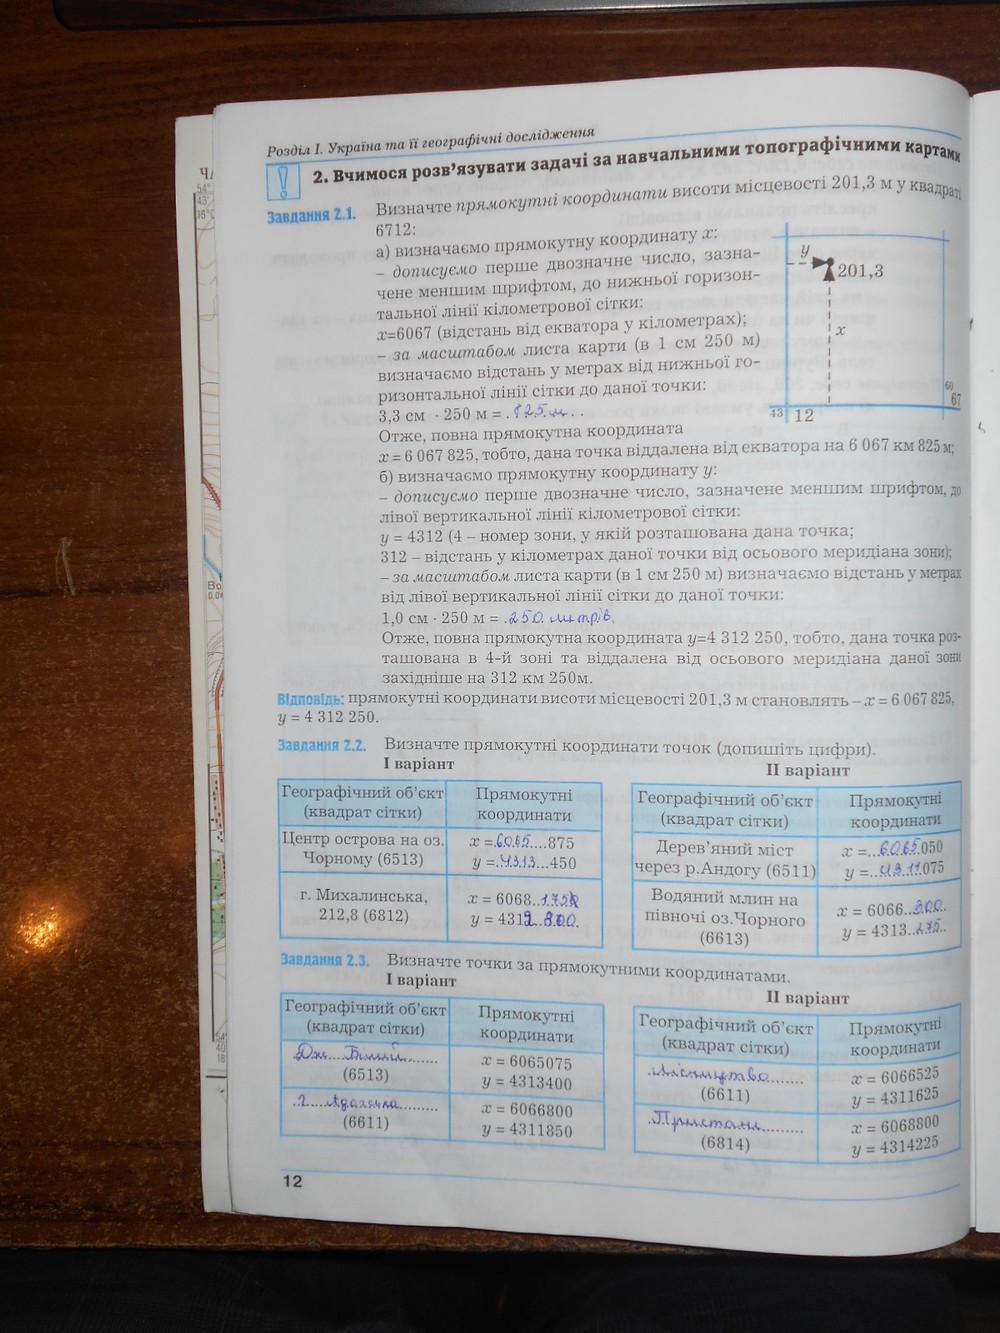 ГДЗ відповіді робочий зошит по географии 8 класс Думанська Г.В., Назаренко Т.Г.. Задание: стр. 12